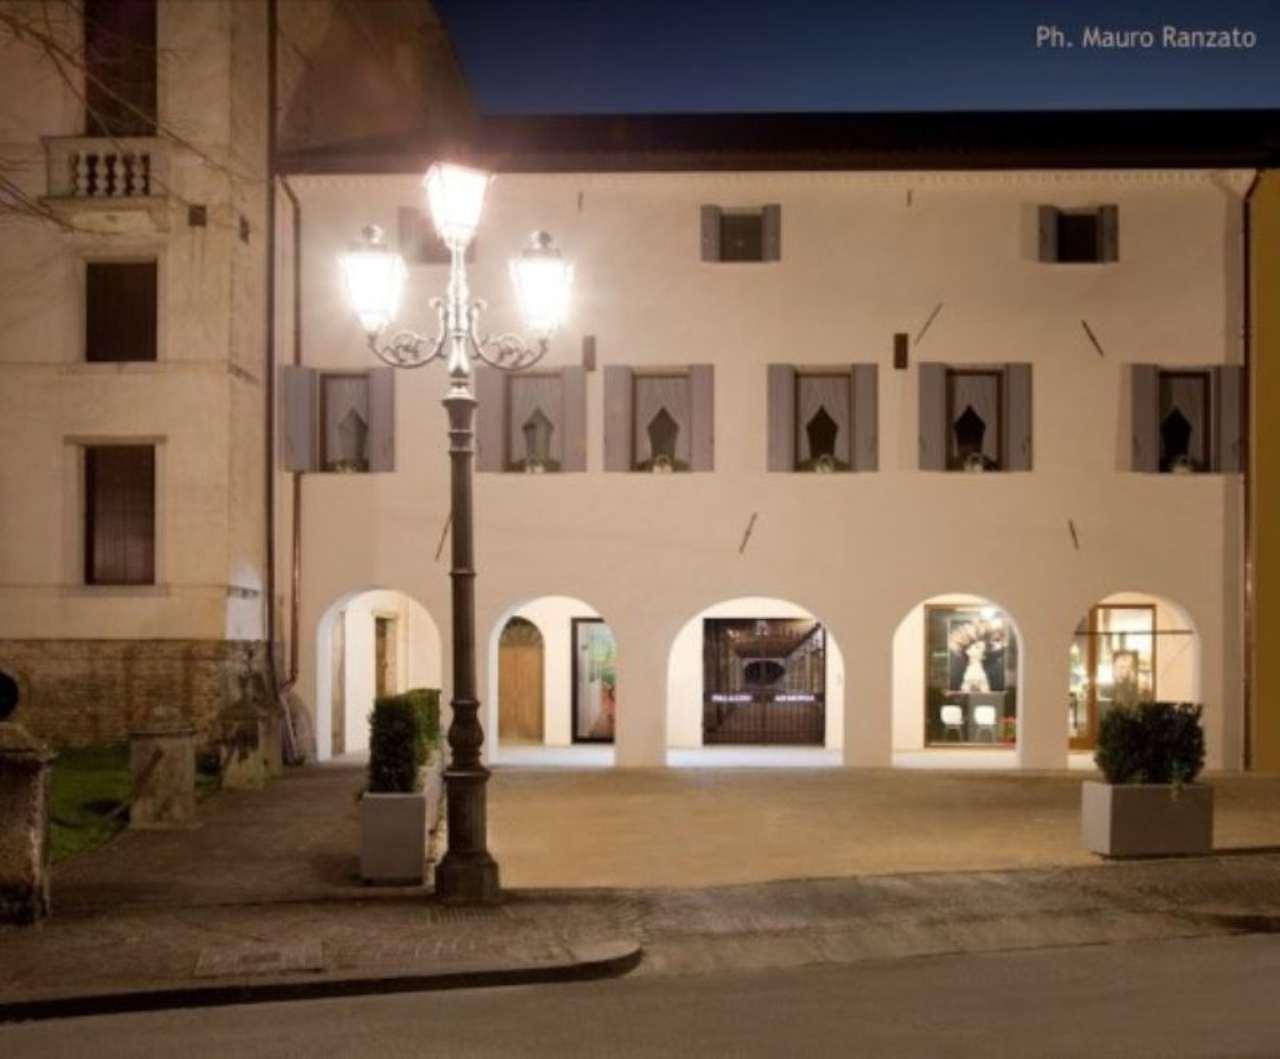 Attico / Mansarda in vendita a Piove di Sacco, 6 locali, Trattative riservate | Cambio Casa.it